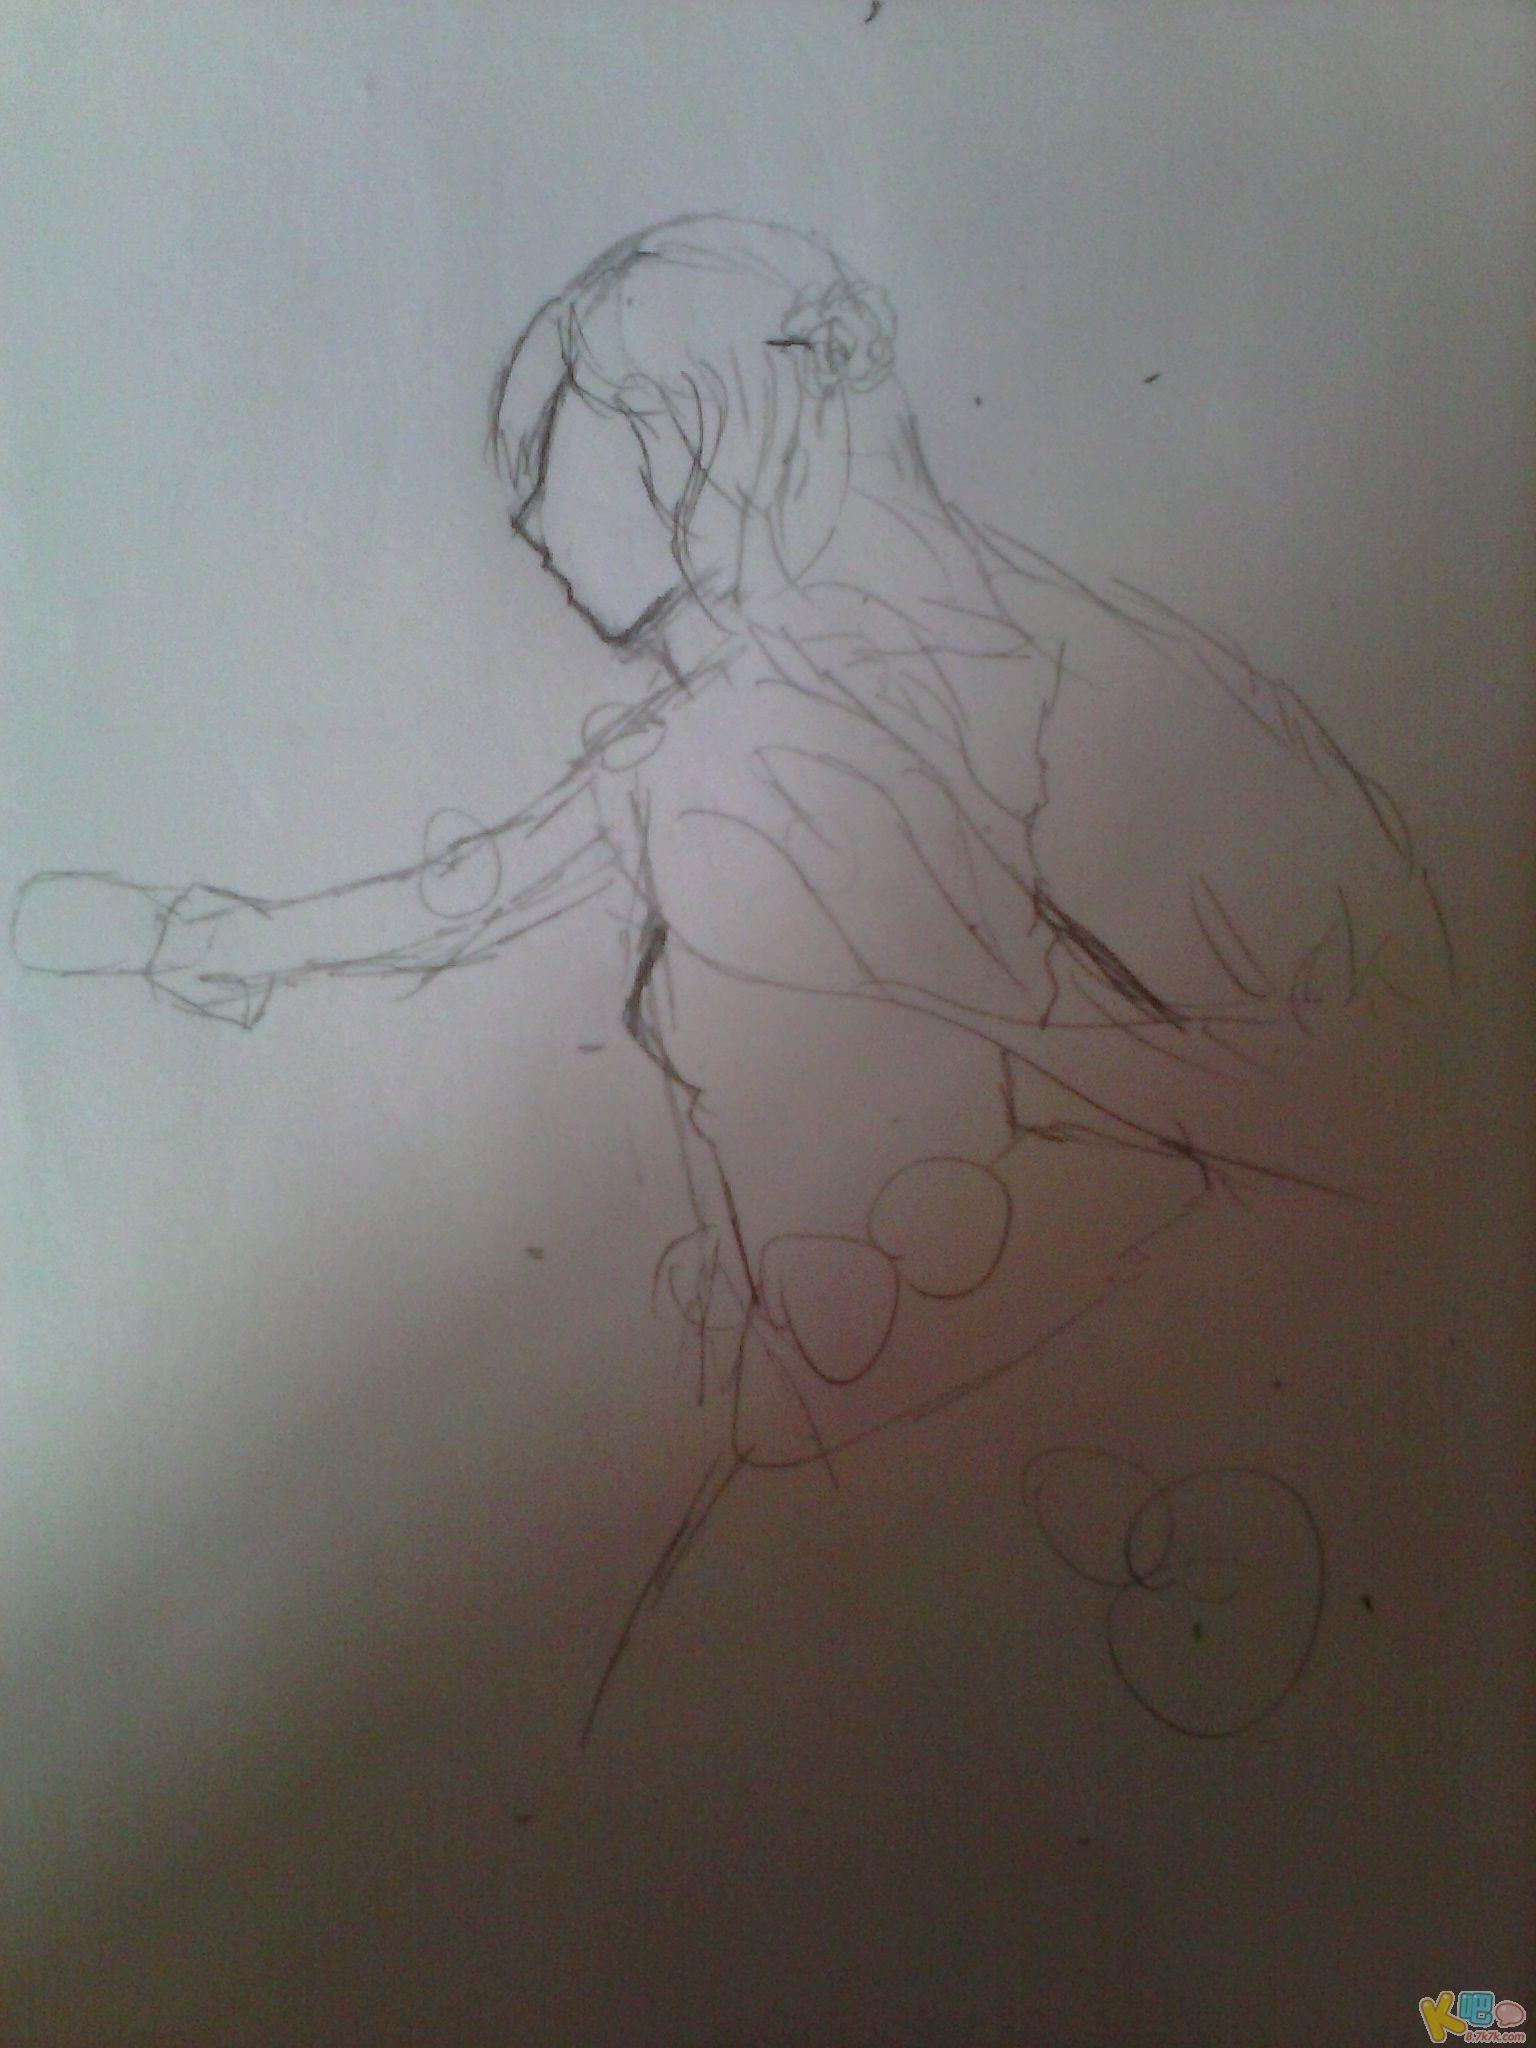 【直播】动漫人物画法及铅笔上色